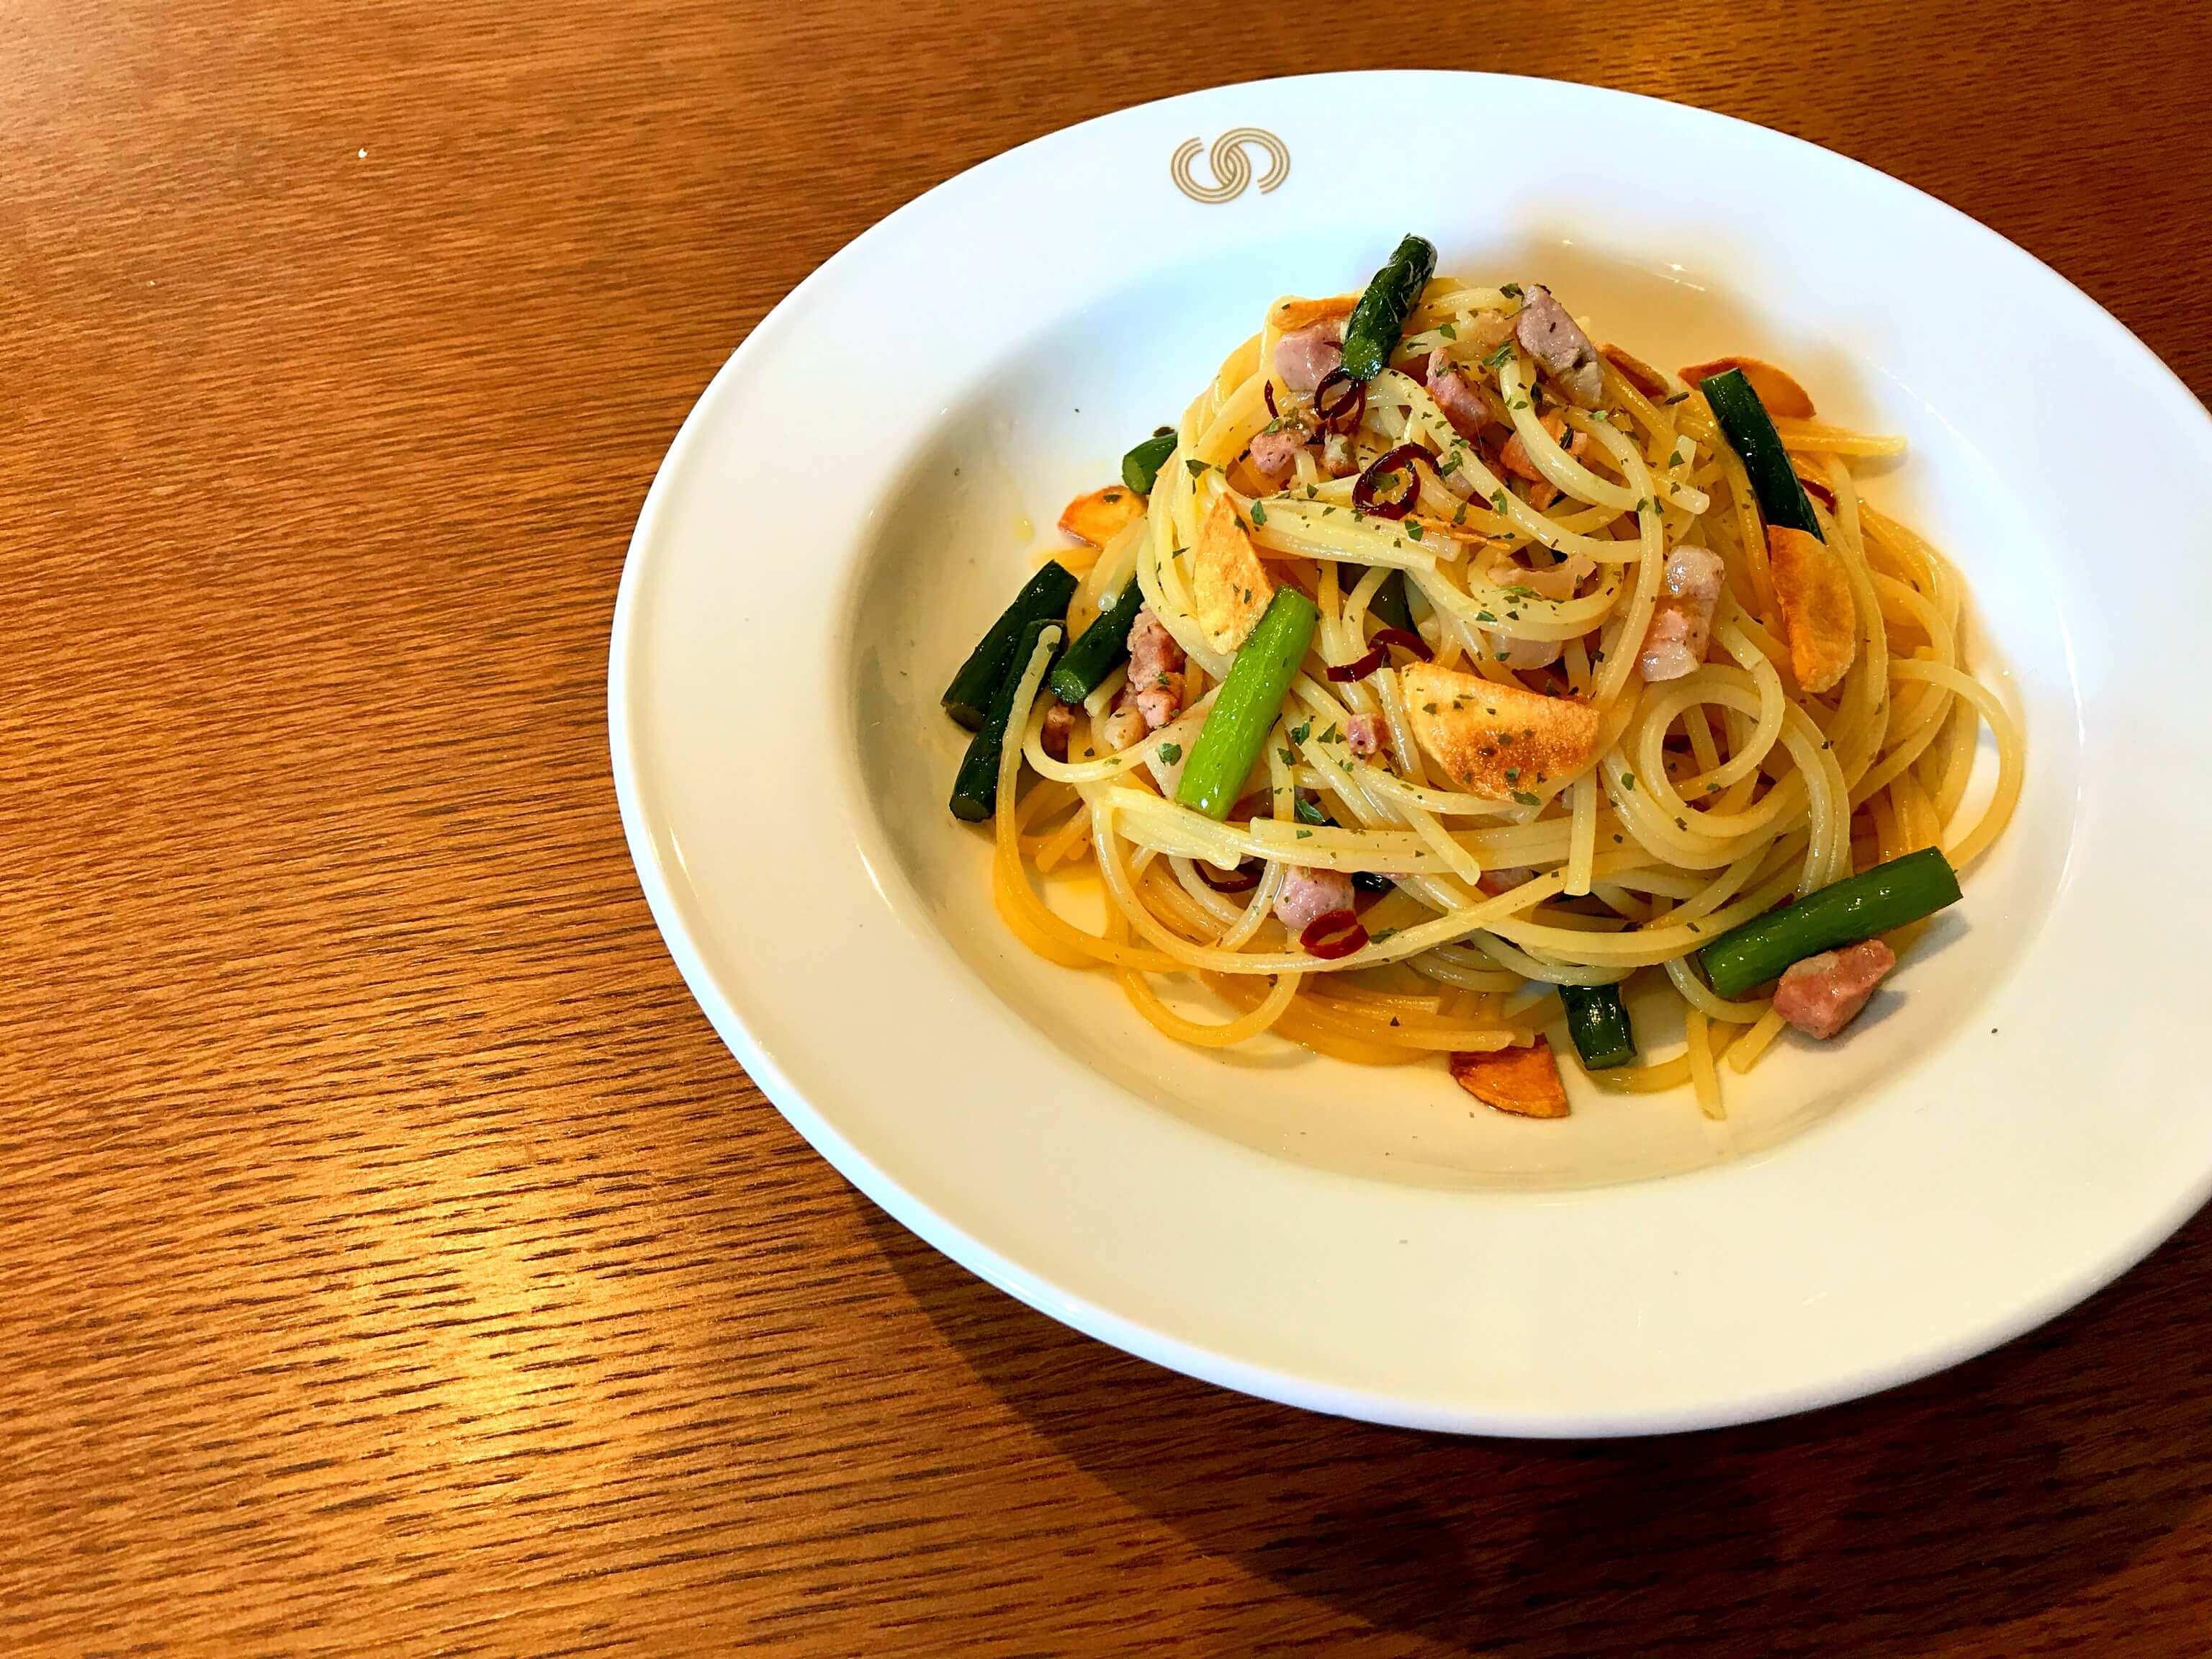 【カフェ風】ニンニクの芽とベーコンのパスタのレシピ